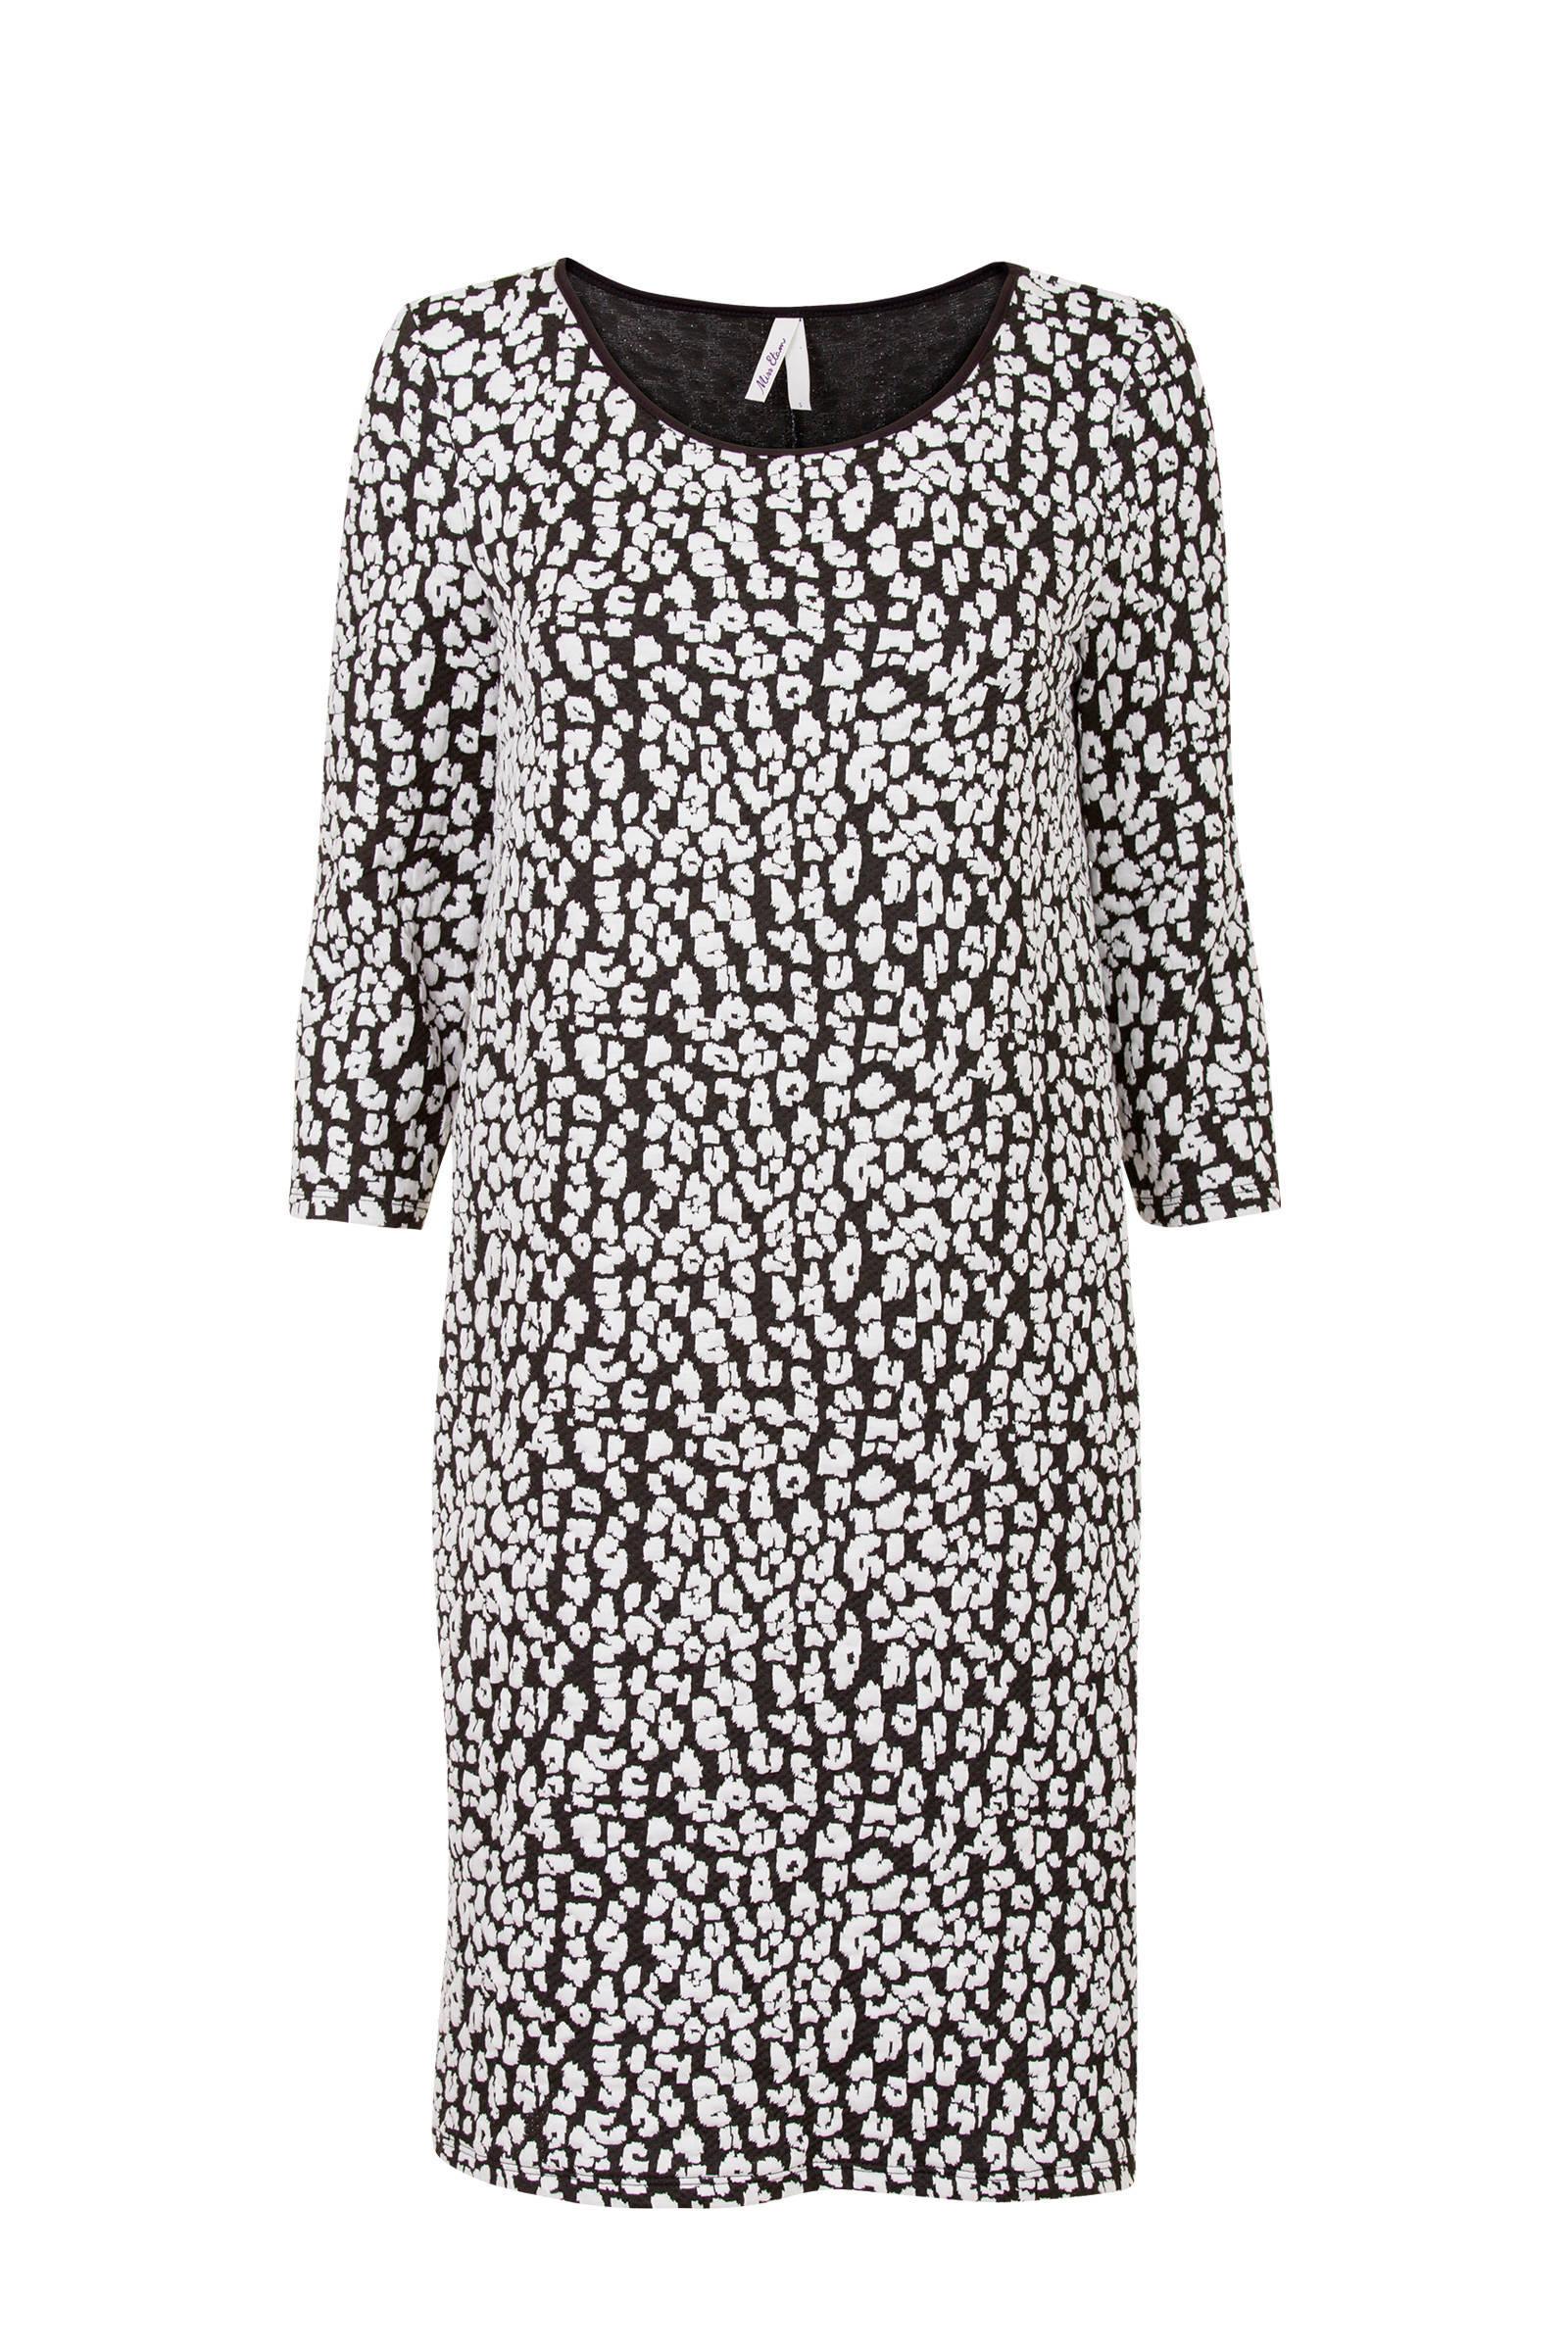 7e1fe800b4d553 Miss Etam Regulier jurk met tijgerprint